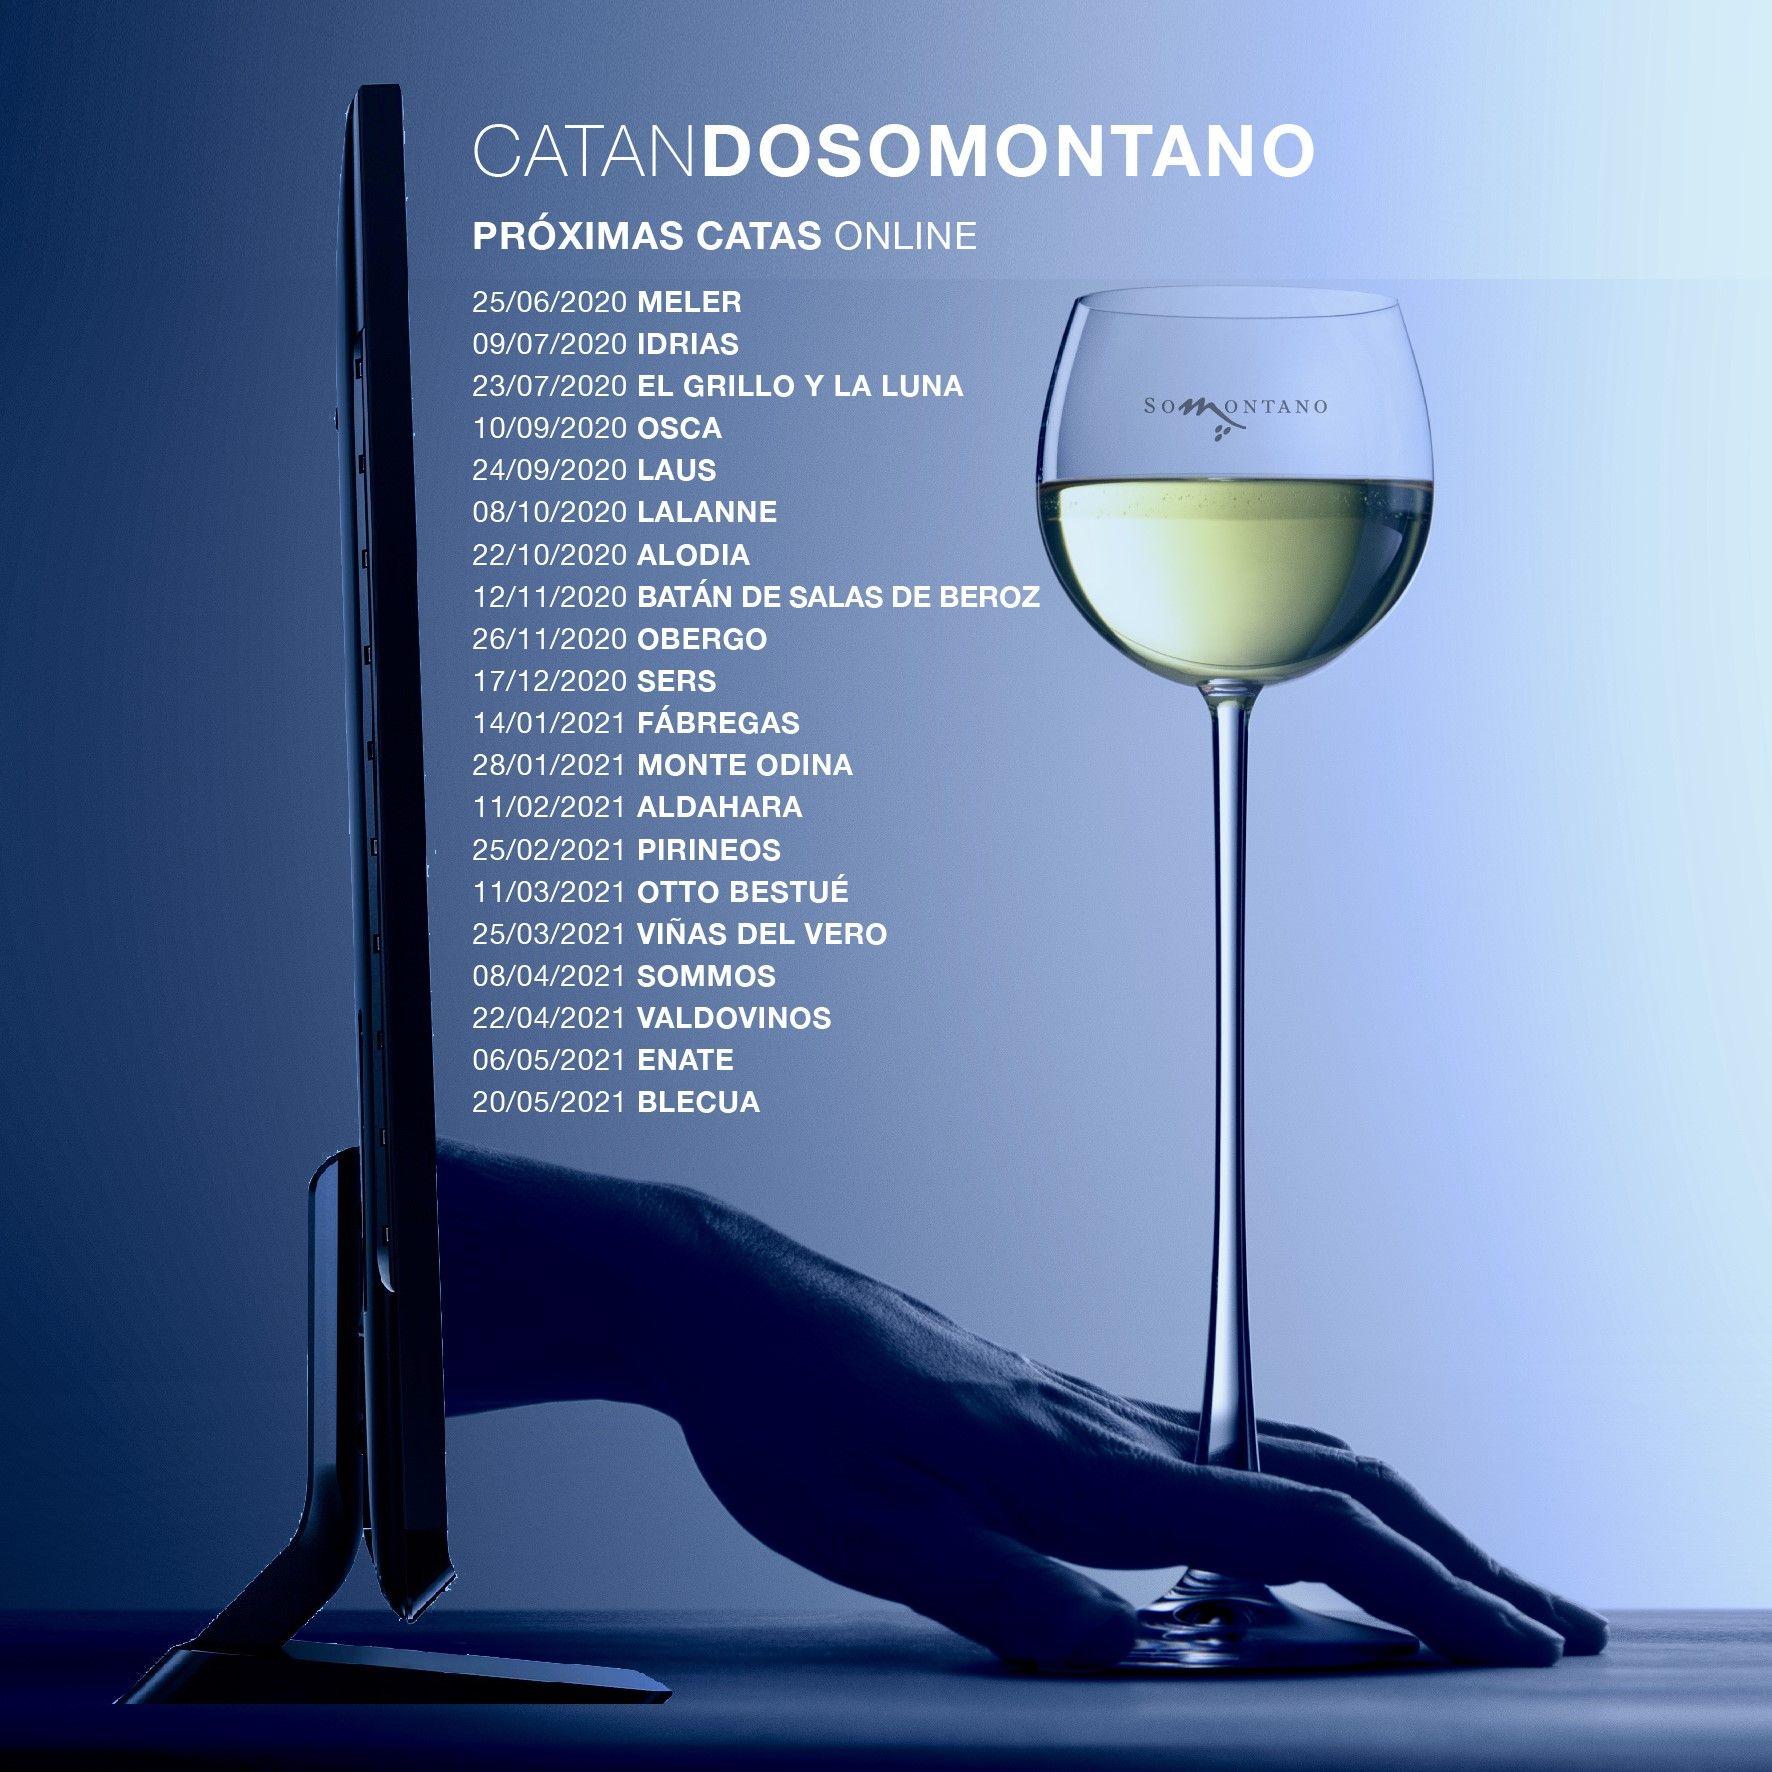 «CatanDO SOMONTANO», el ciclo de catas online que te descubre los vinos de una veintena de bodegas de la denominación aragonesa